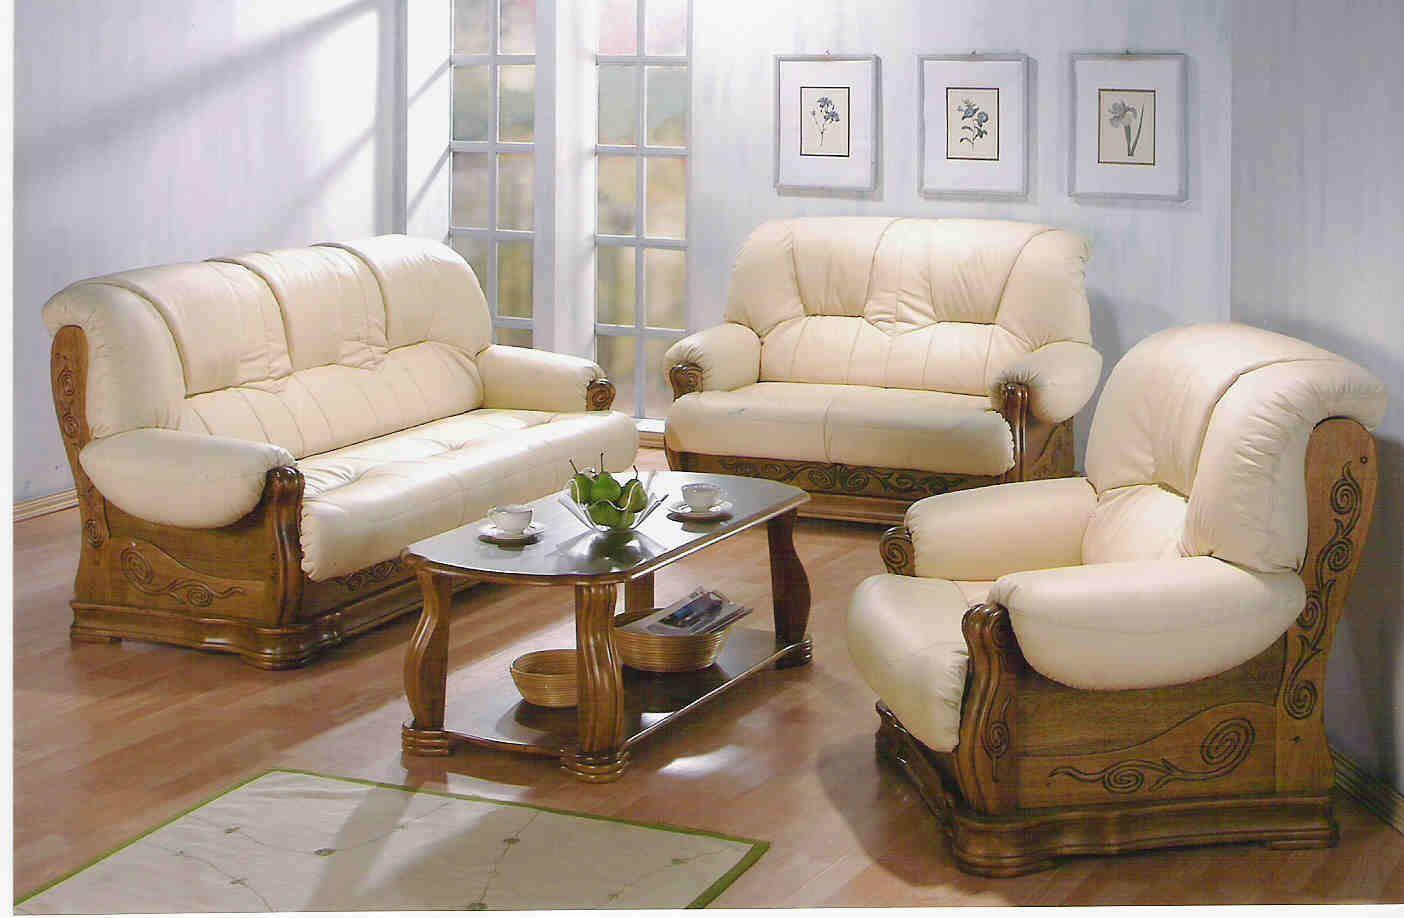 Dormitorio japonesa La salida del mueble tiene diferentes tipos de ...